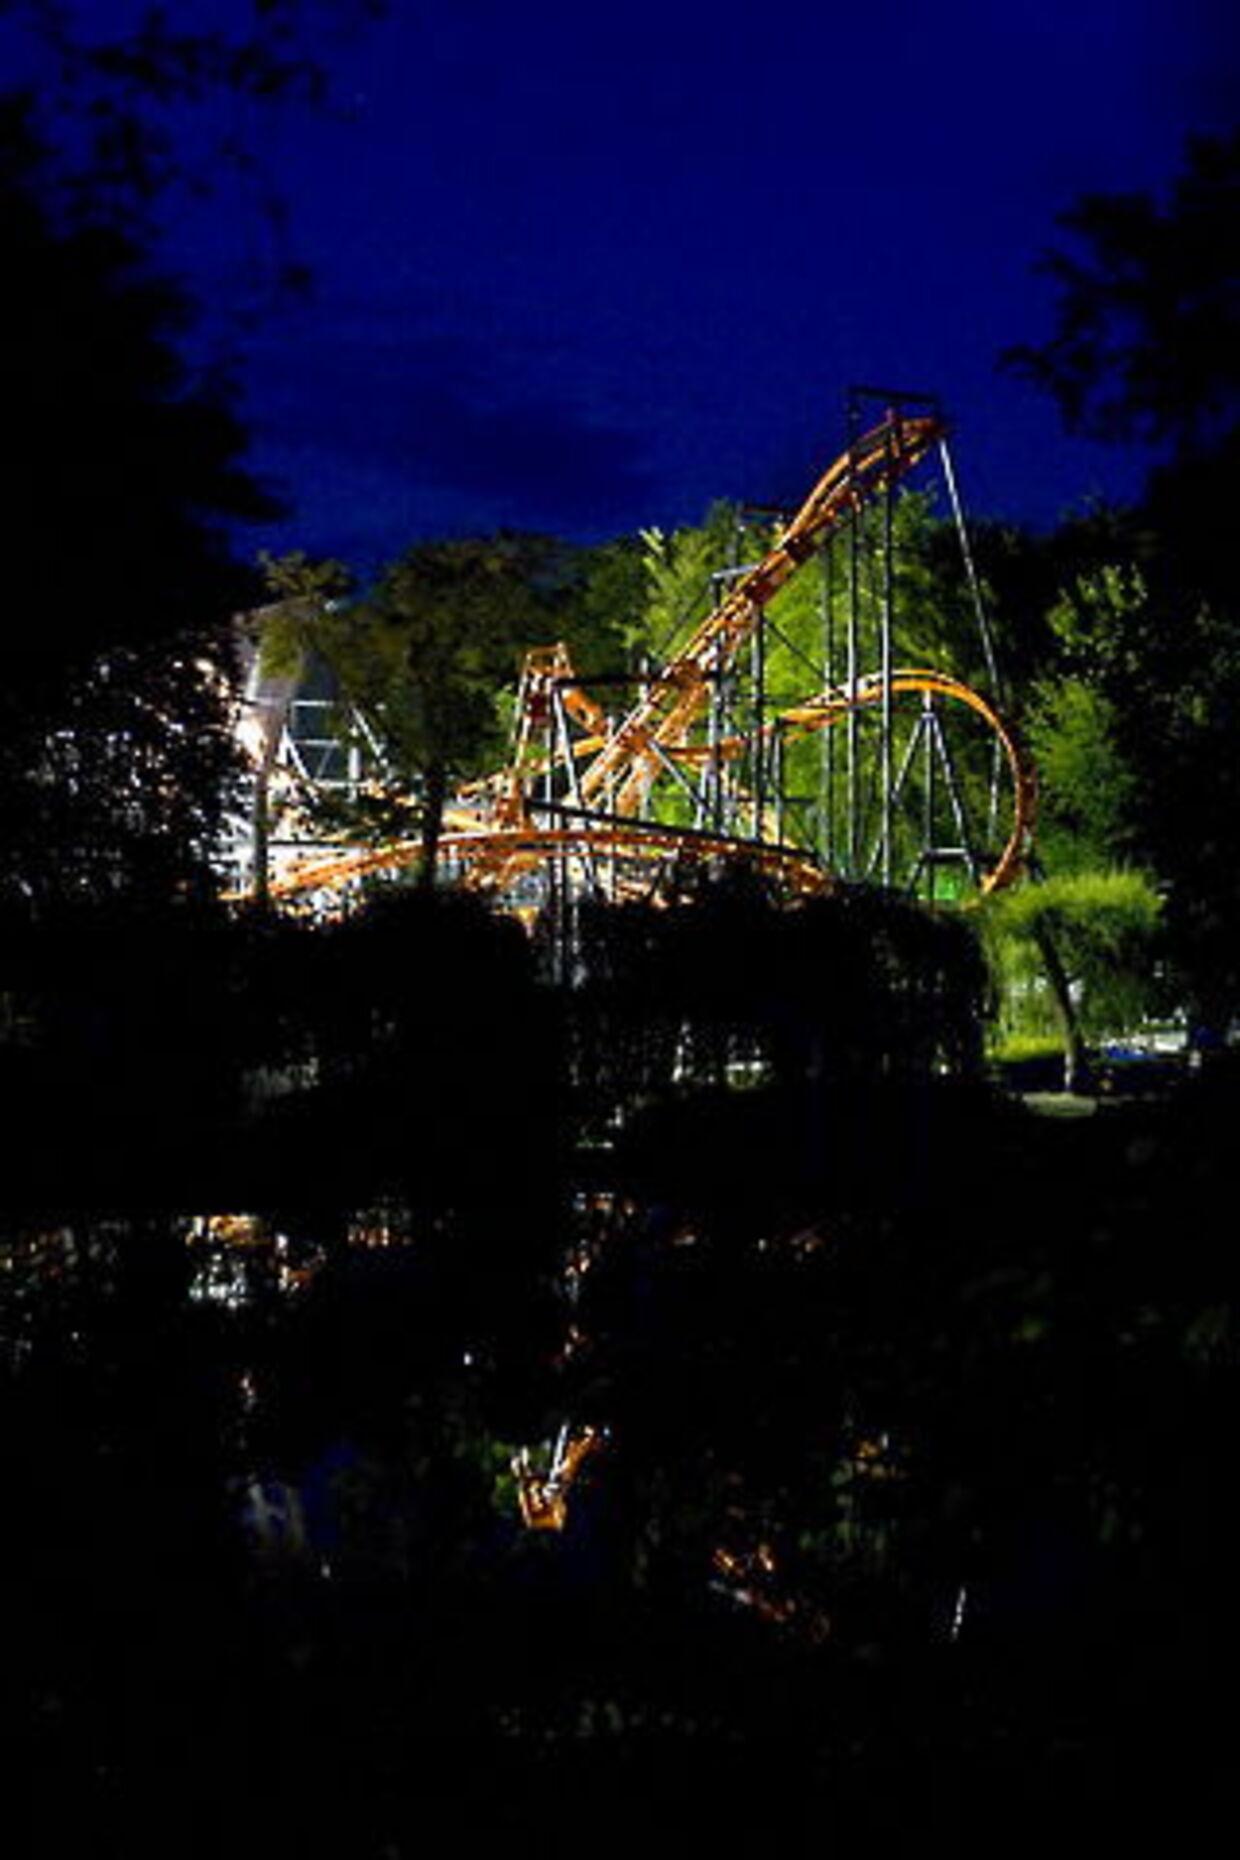 Ulykken skete i Cobraen fedag aften ved 23-tiden. Foto:Claus Haagensen.